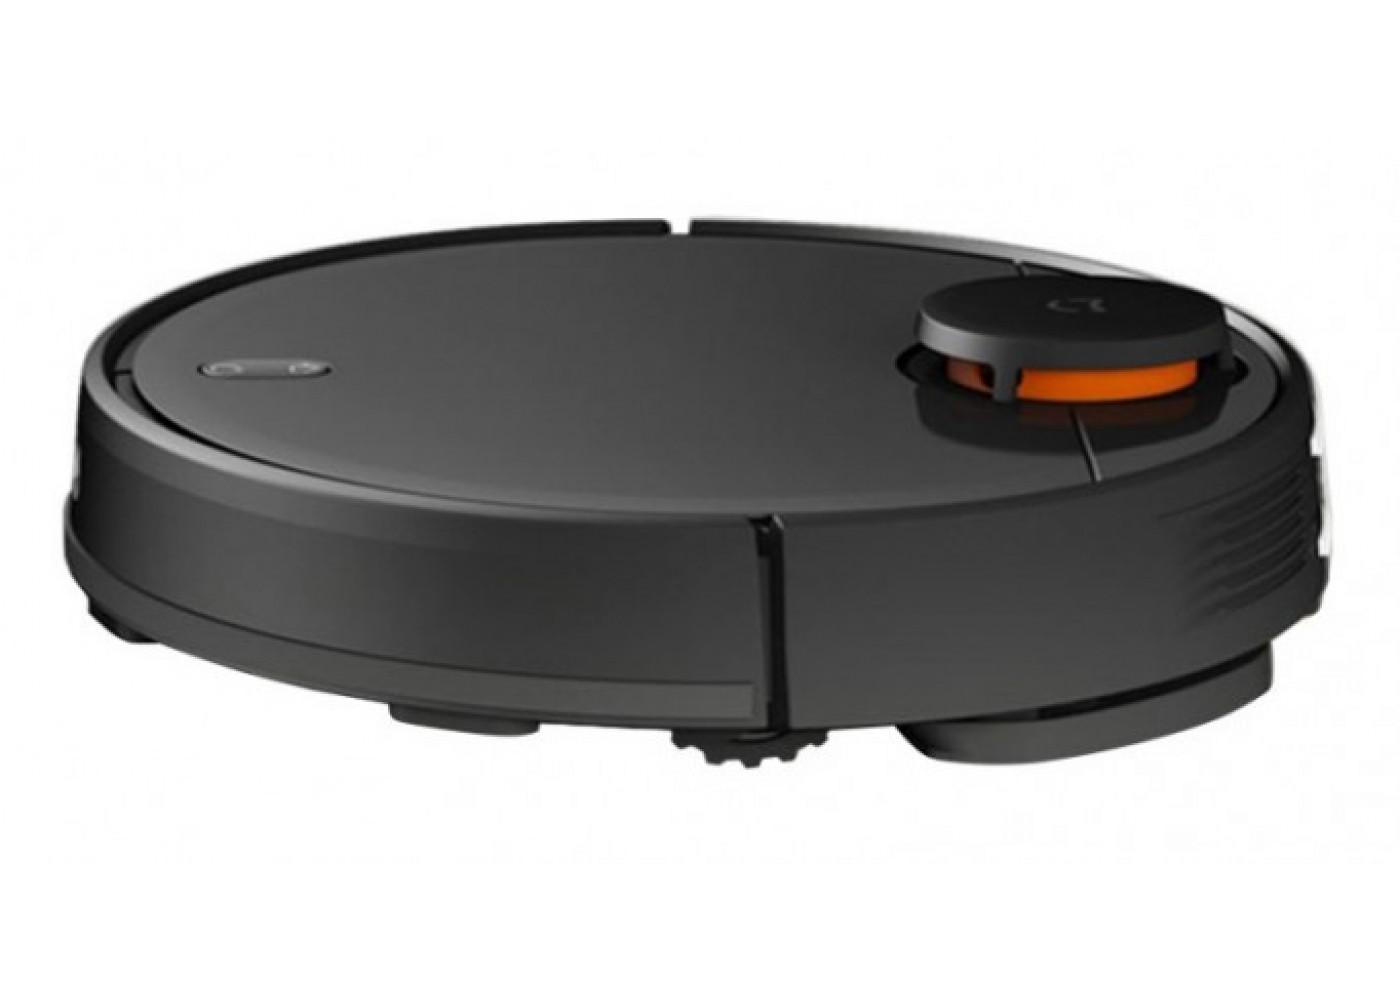 Робот-пылесос XiaoMi Mijia LDS Vacuum Cleaner, чёрный